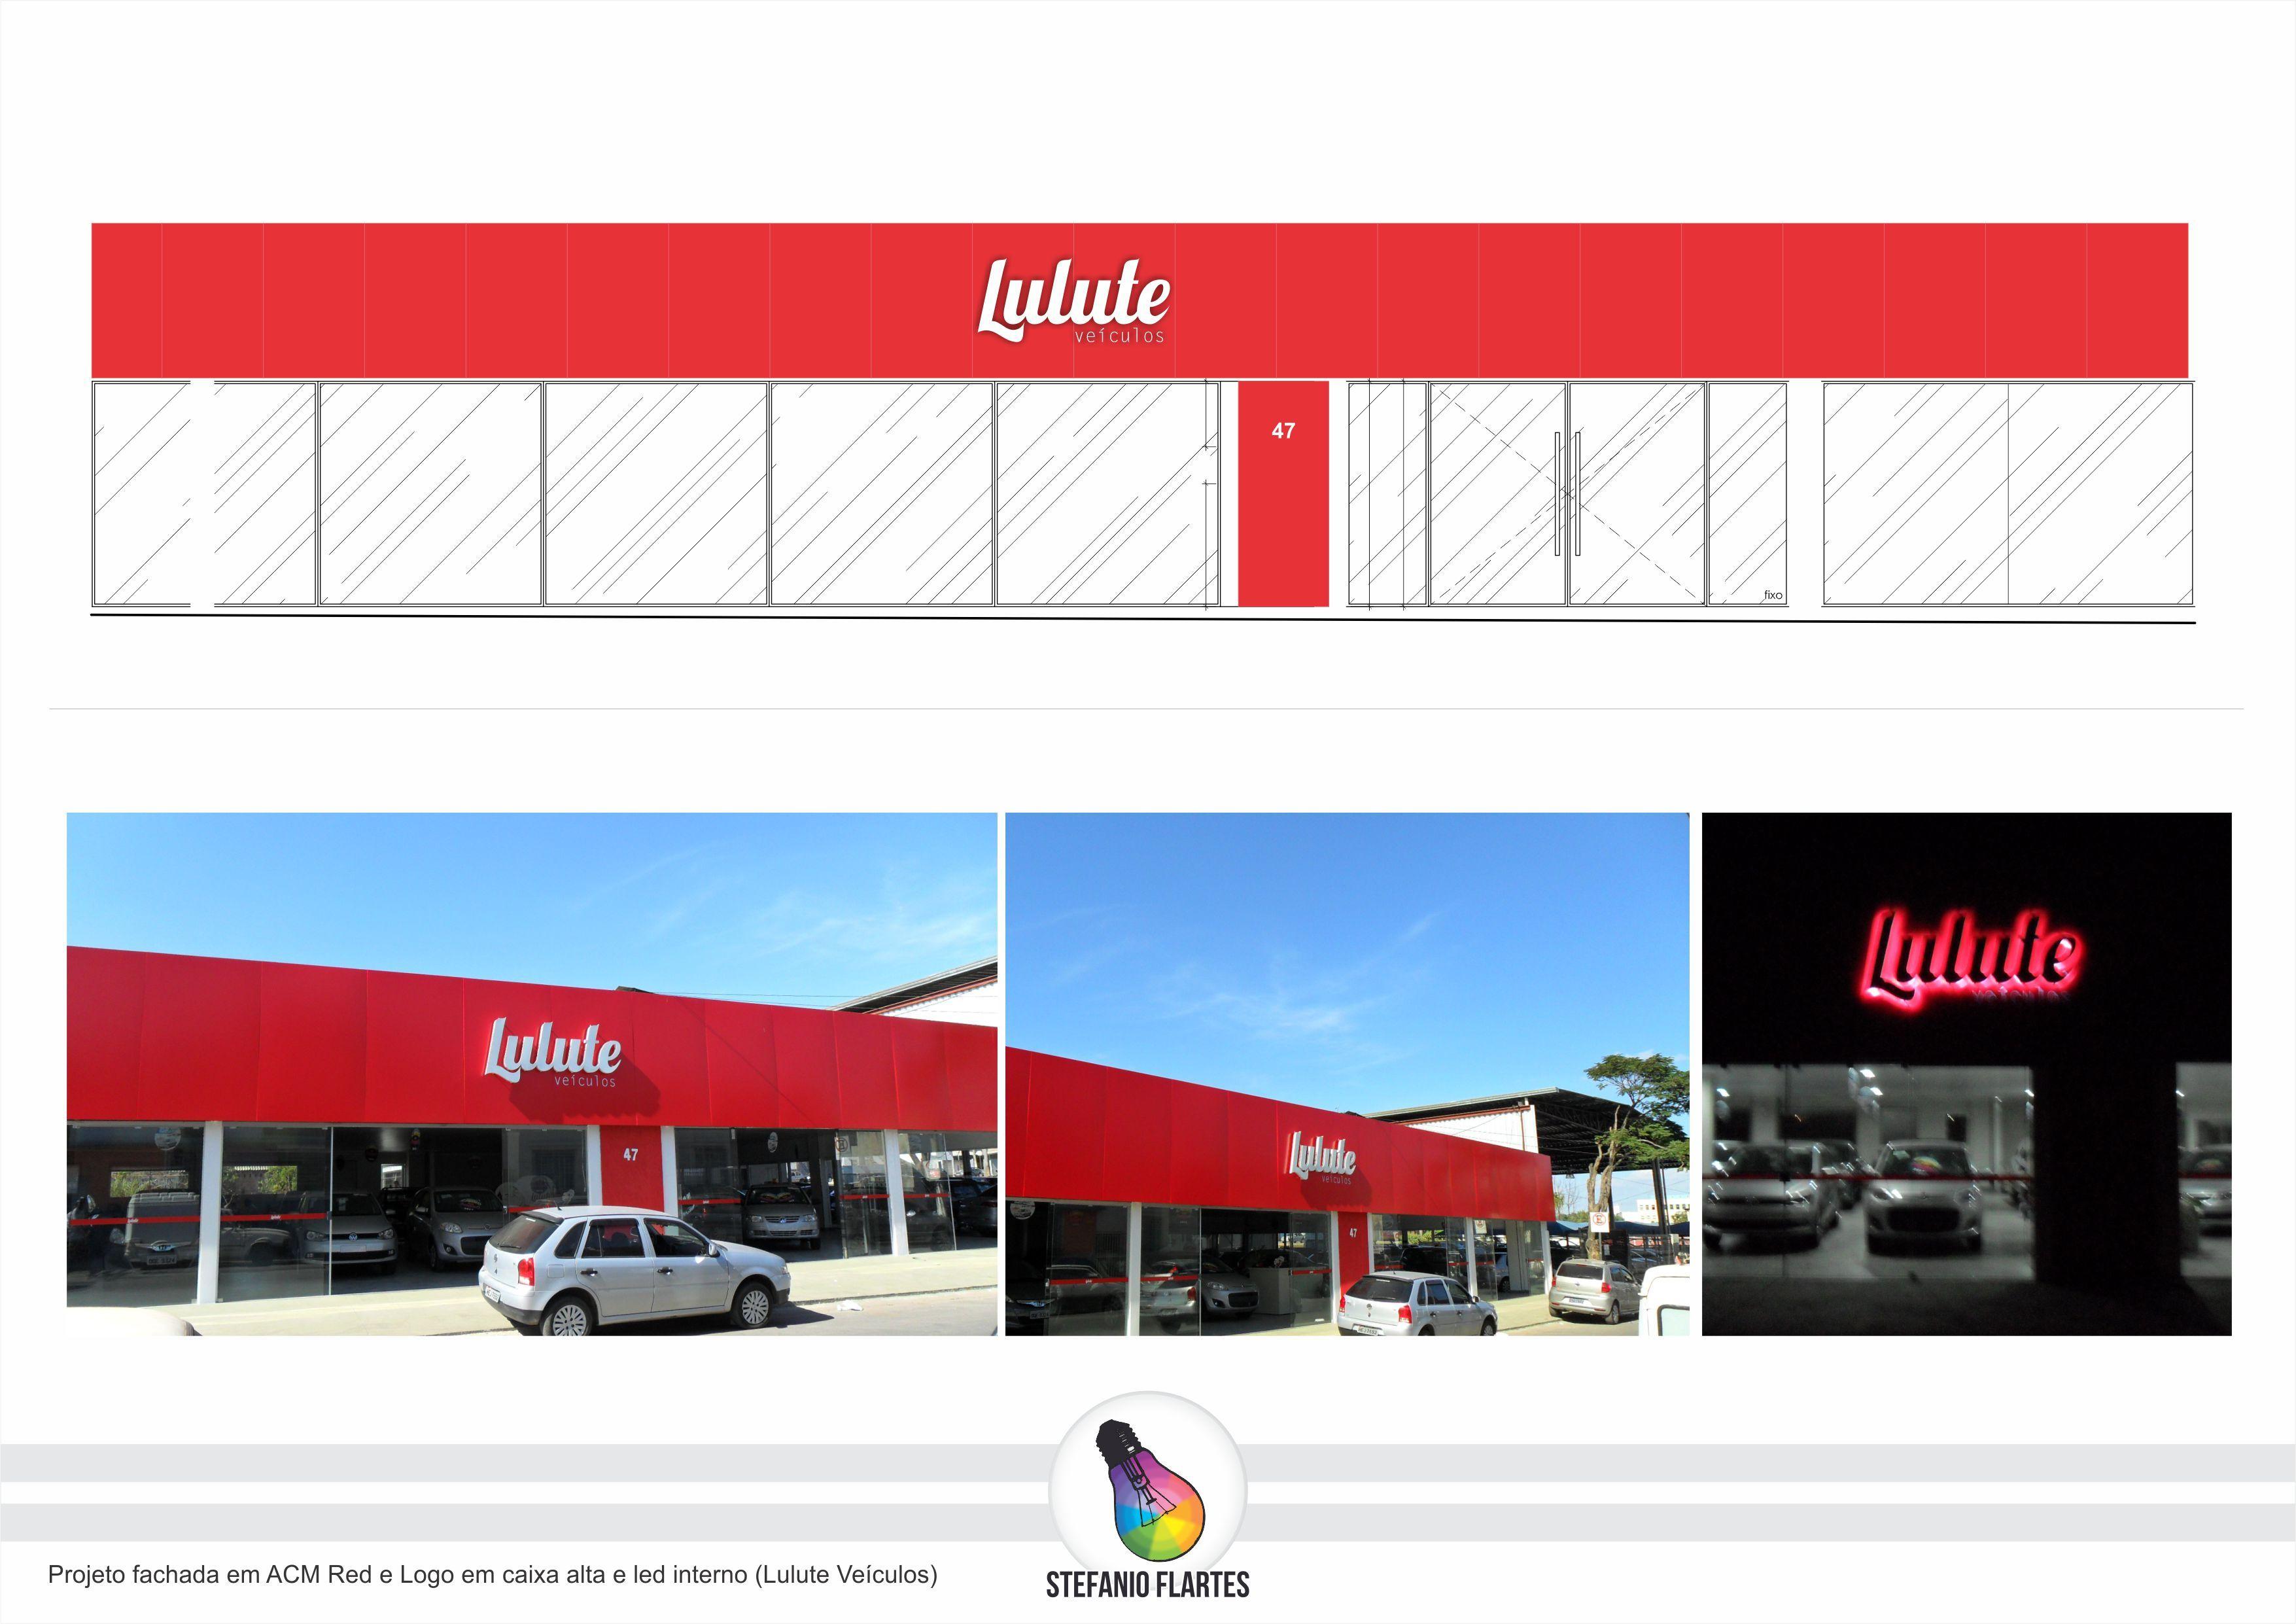 Projeto fachada em ACM Red e Logo em caixa alta e led interno (Lulute Veículos)